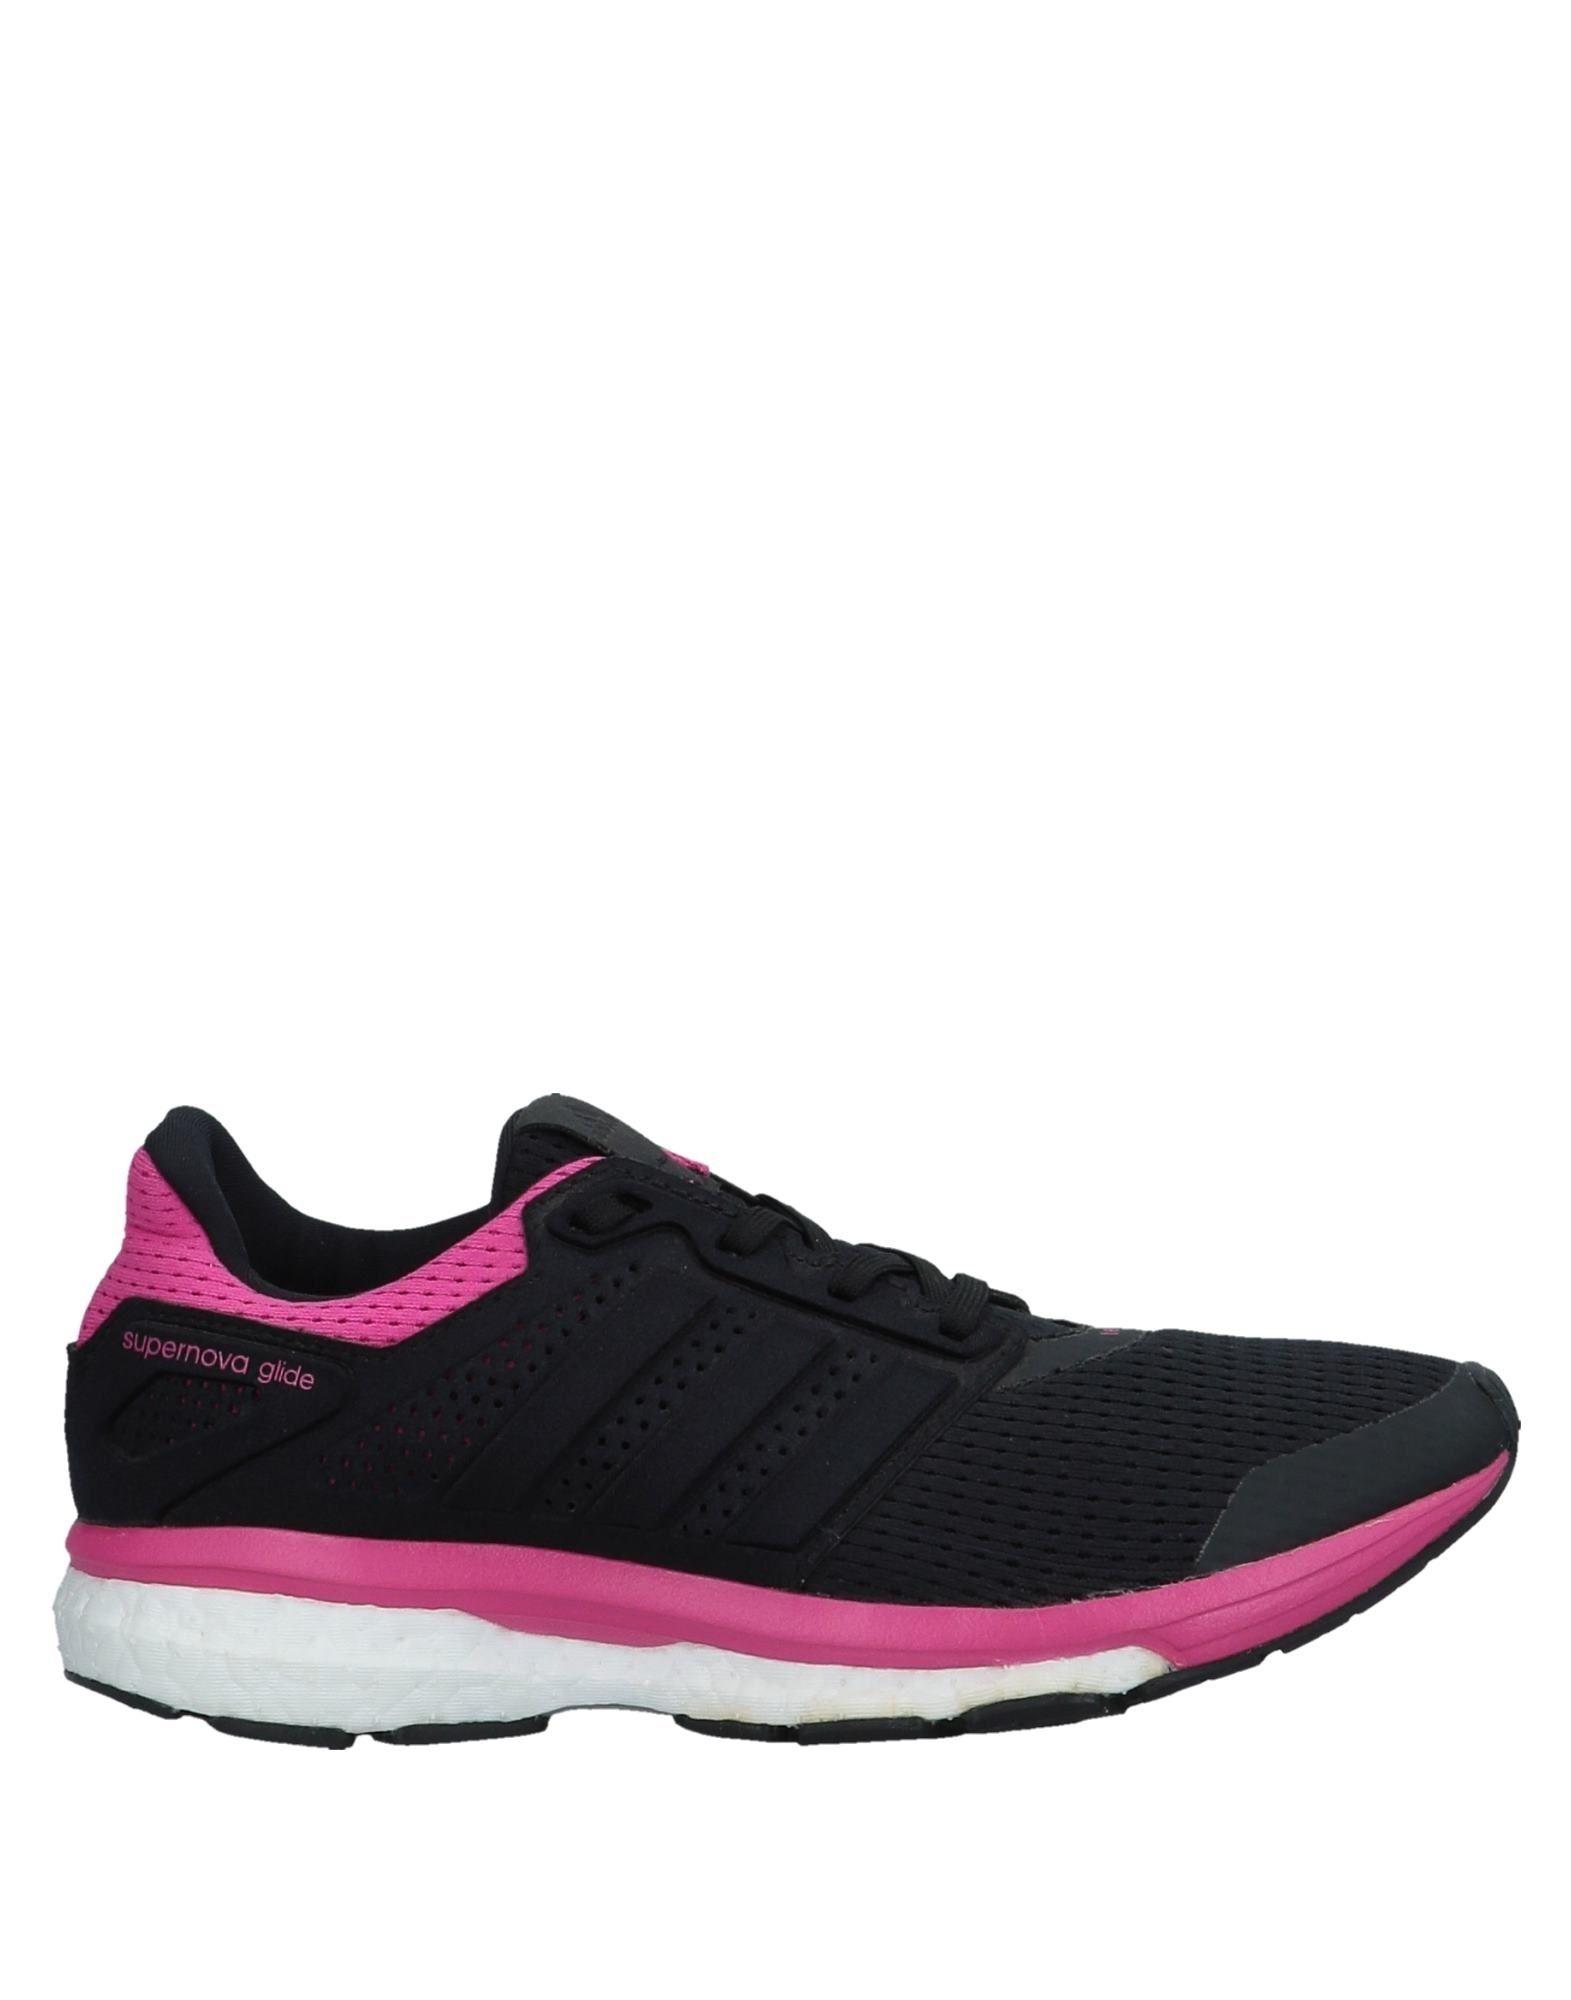 Baskets Adidas Femme - Baskets Adidas Noir Nouvelles chaussures pour hommes et femmes, remise limitée dans le temps